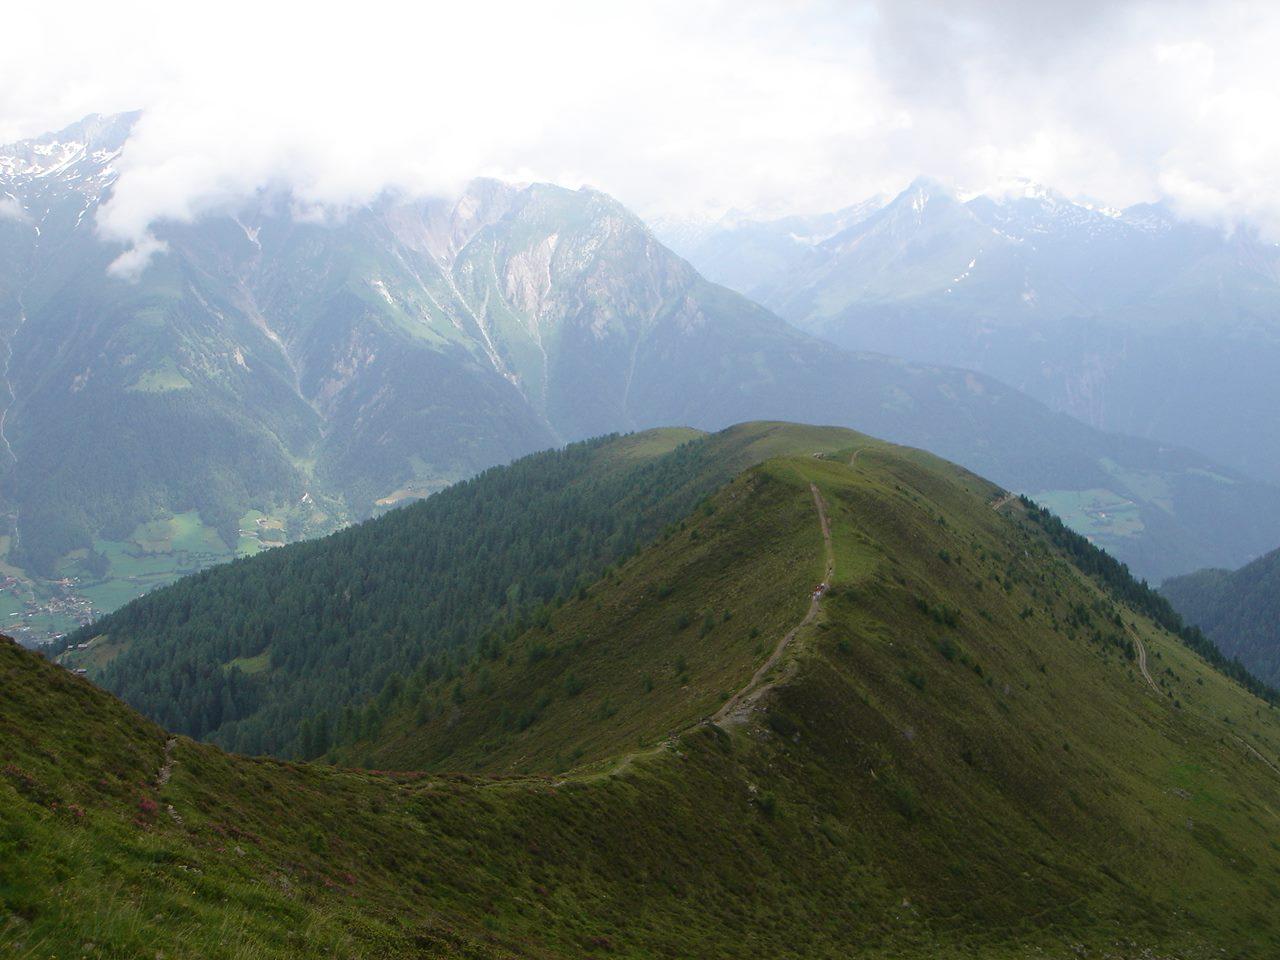 Foto: Manfred Karl / Wandertour / Auf den Griften / Blick vom Legerle auf den schönen Wiesenrücken, den man von der Wetterkreuzhütte her übersteigt. / 16.06.2007 10:28:10